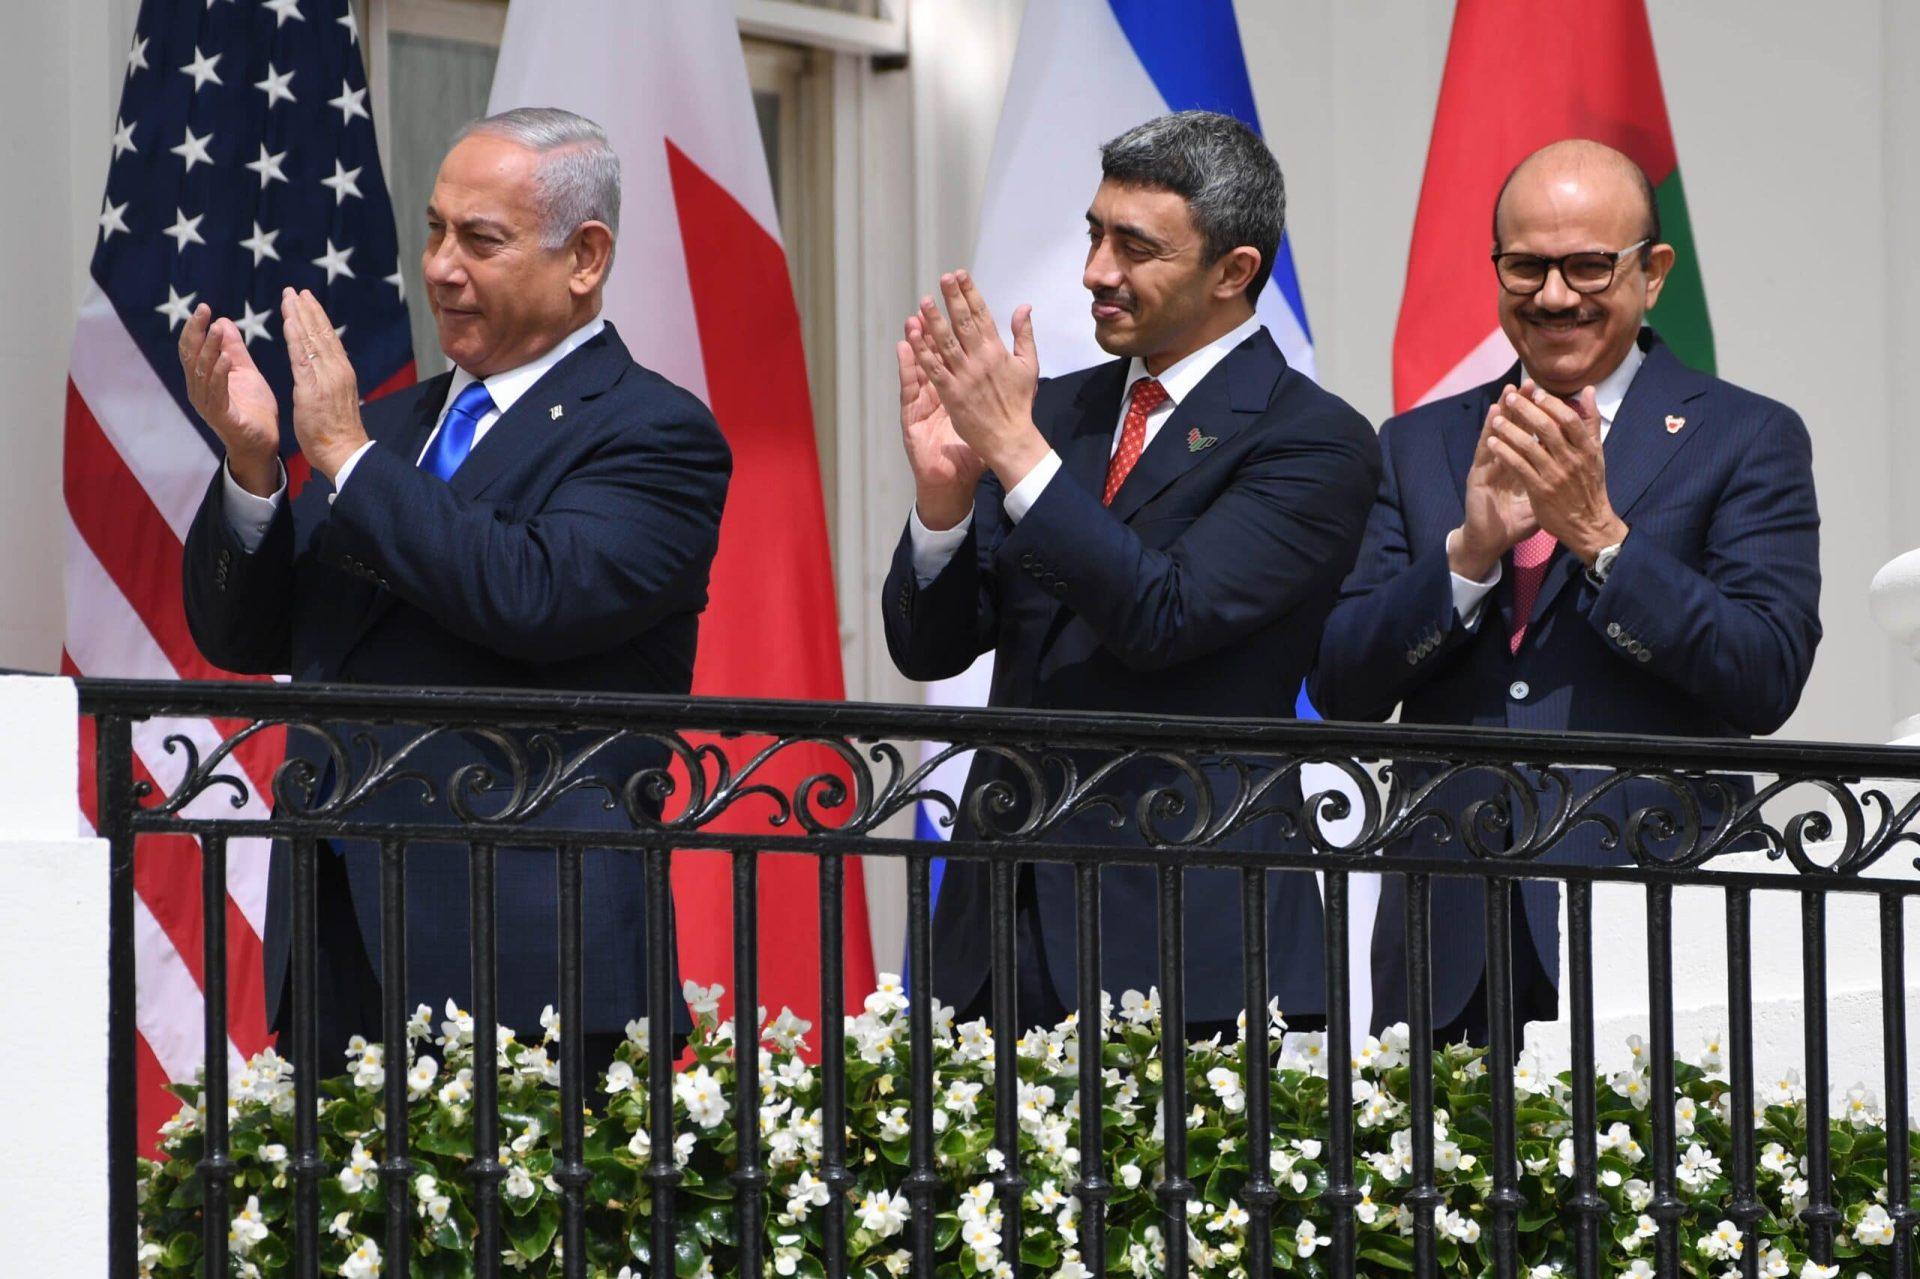 تحقيق: التعاون الاقتصادي بين الإمارات وإسرائيل تعثر وبايدن جمد صندوق أبراهام